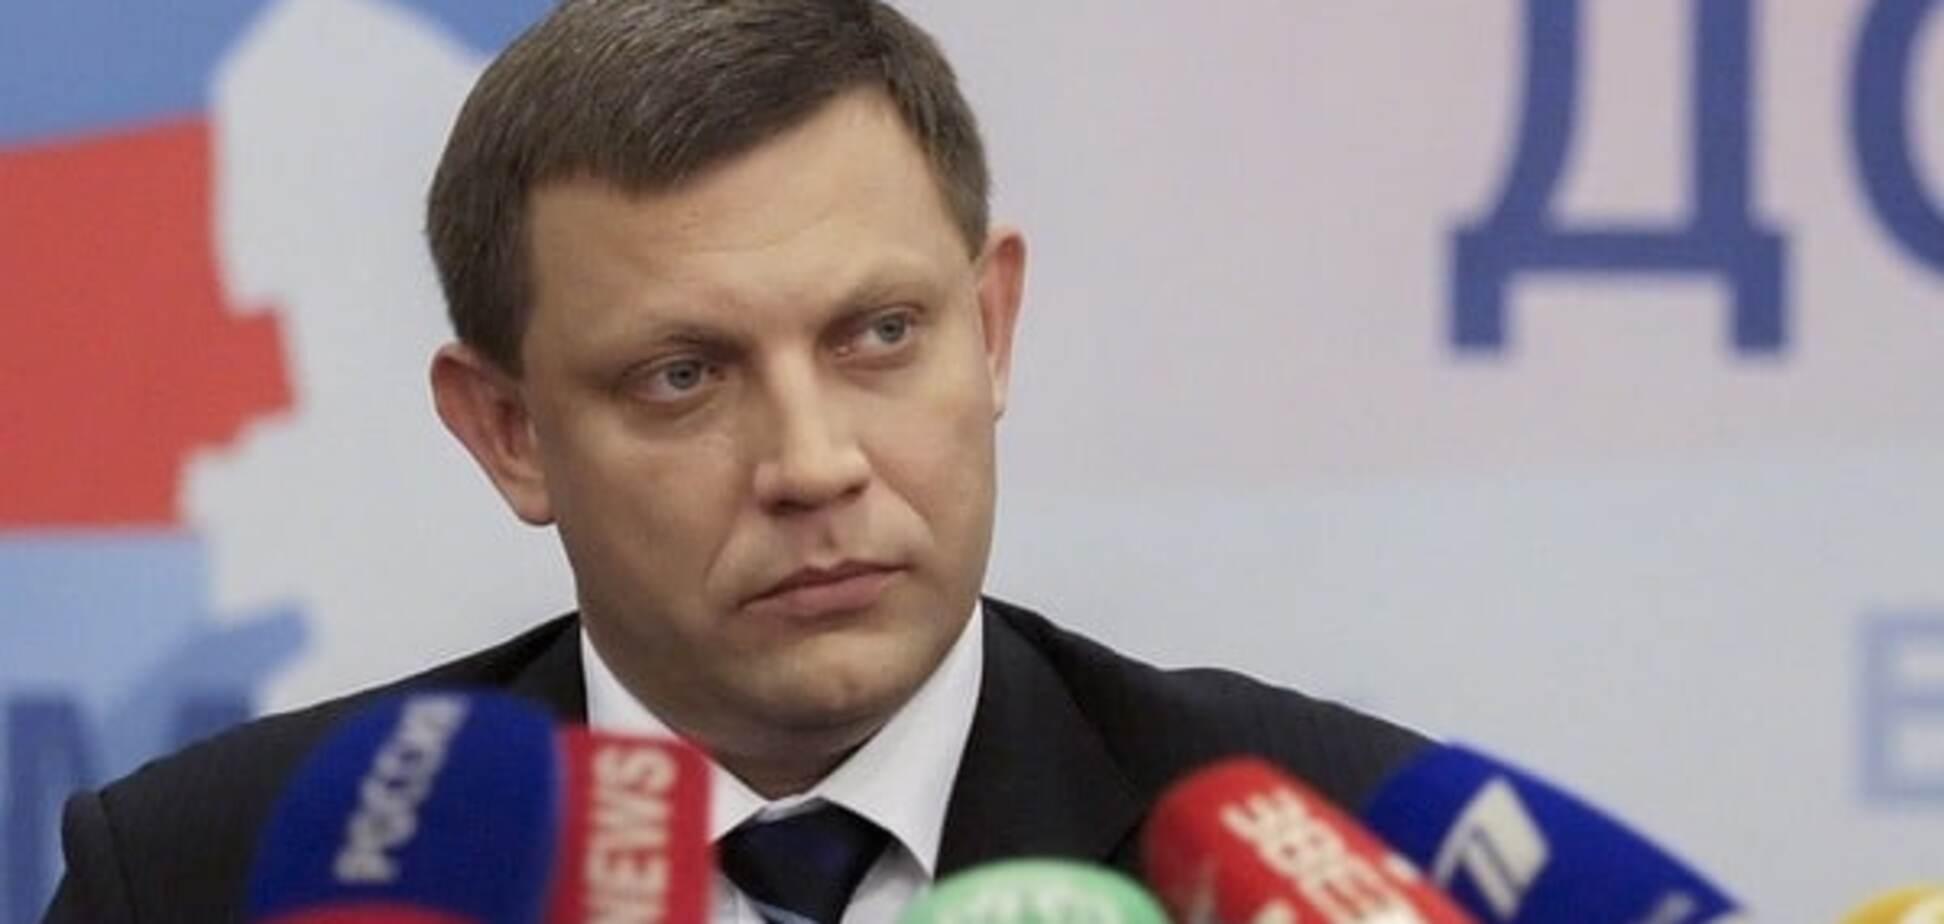 Майже Путін: у 'ДНР' захотіли провести свою 'пряму лінію' з українцями